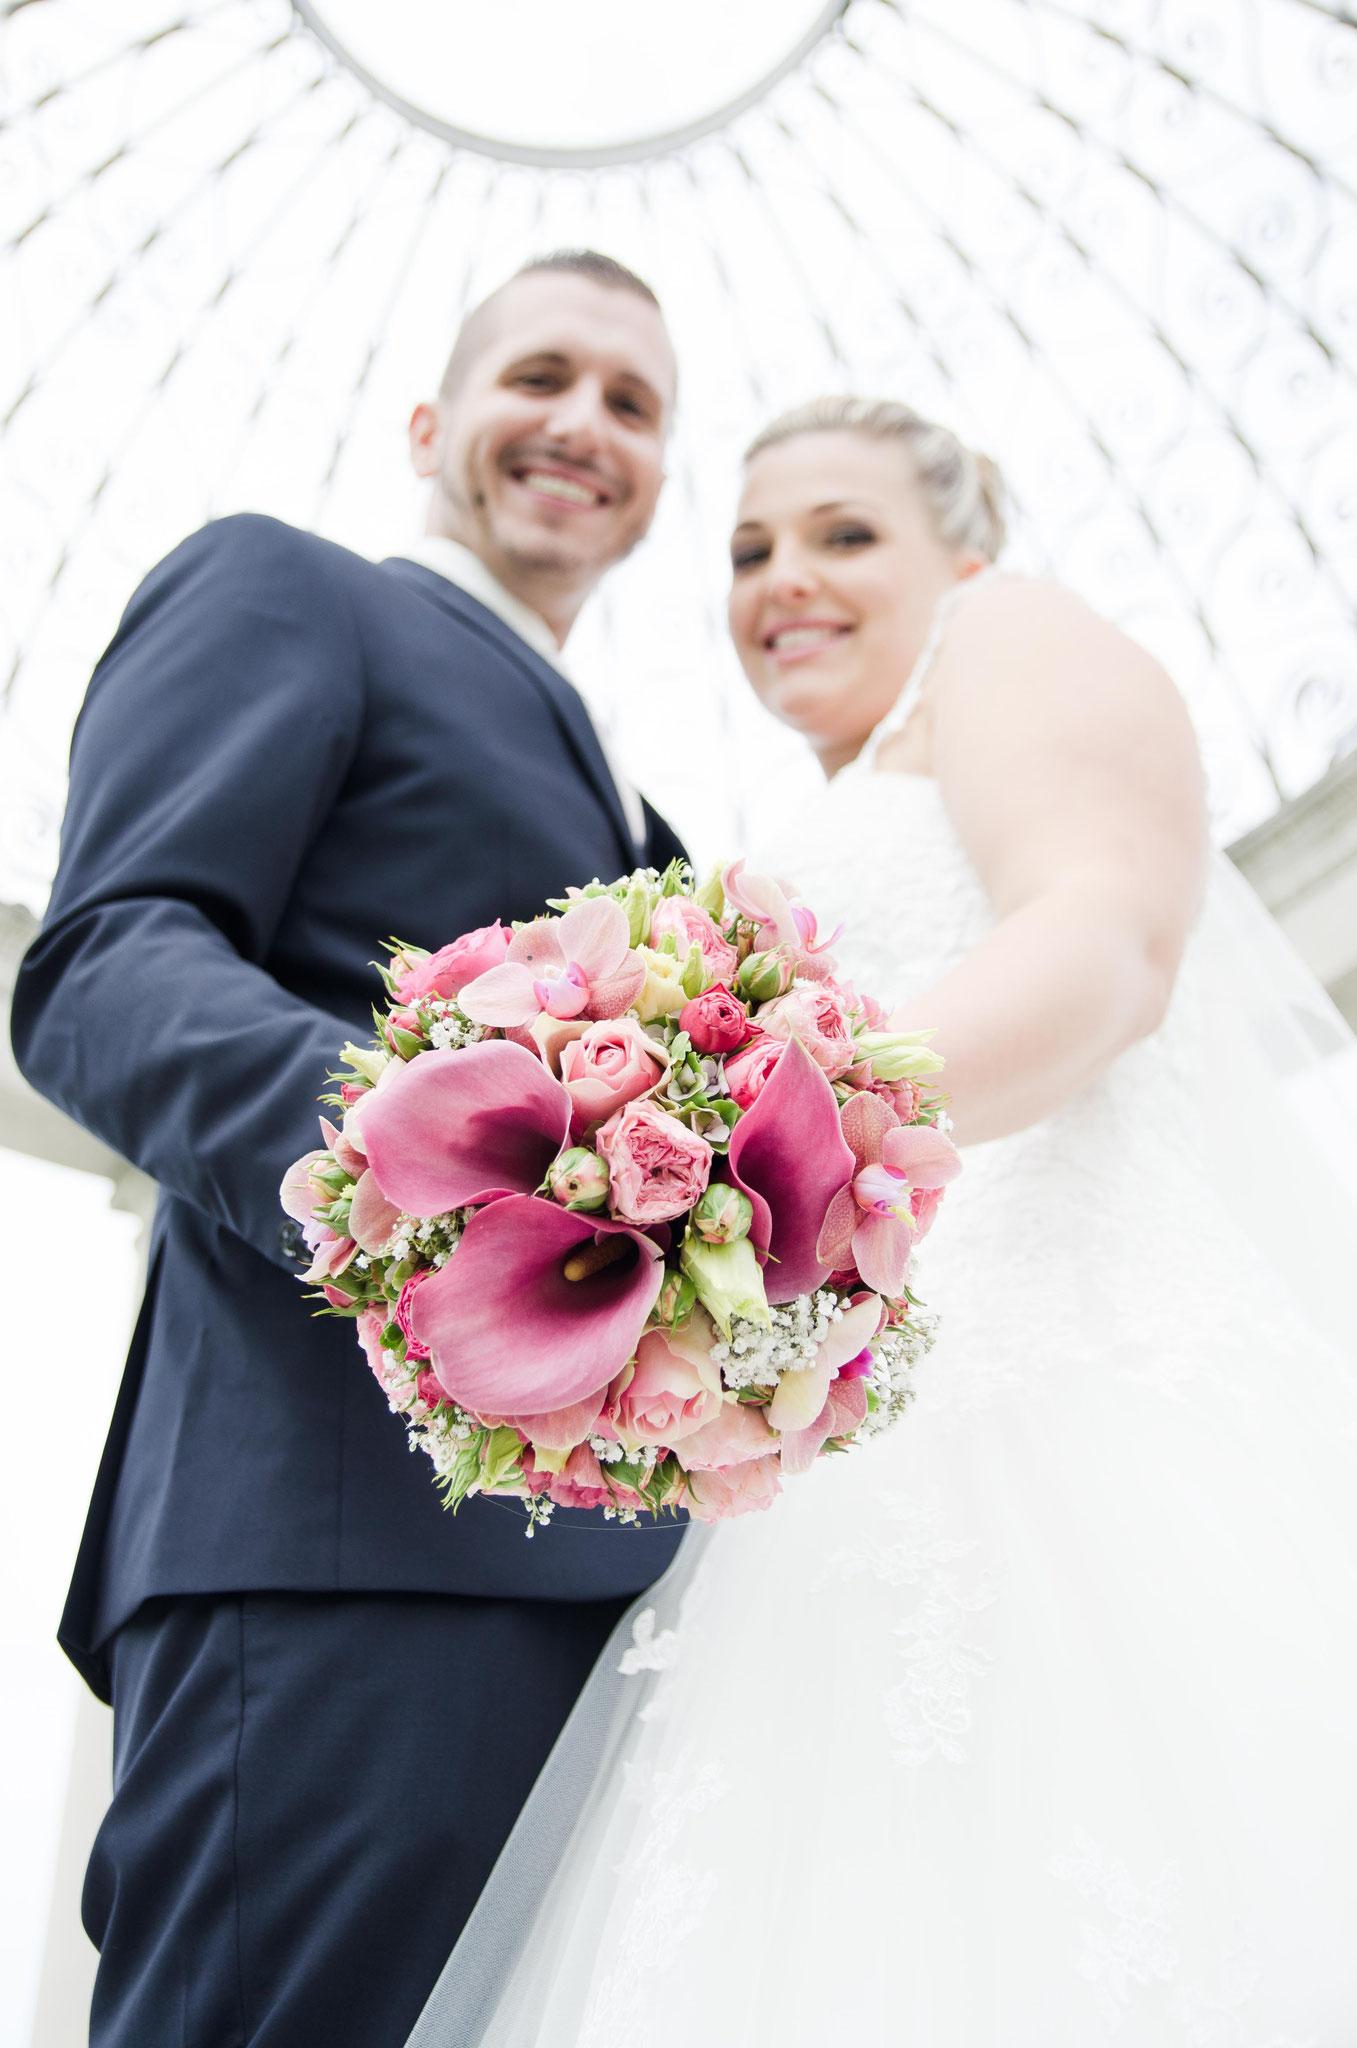 Hochzeitsfotograf Offenburg Daniel Keller / Felix-Burda Park Paar mit Brautstrauß